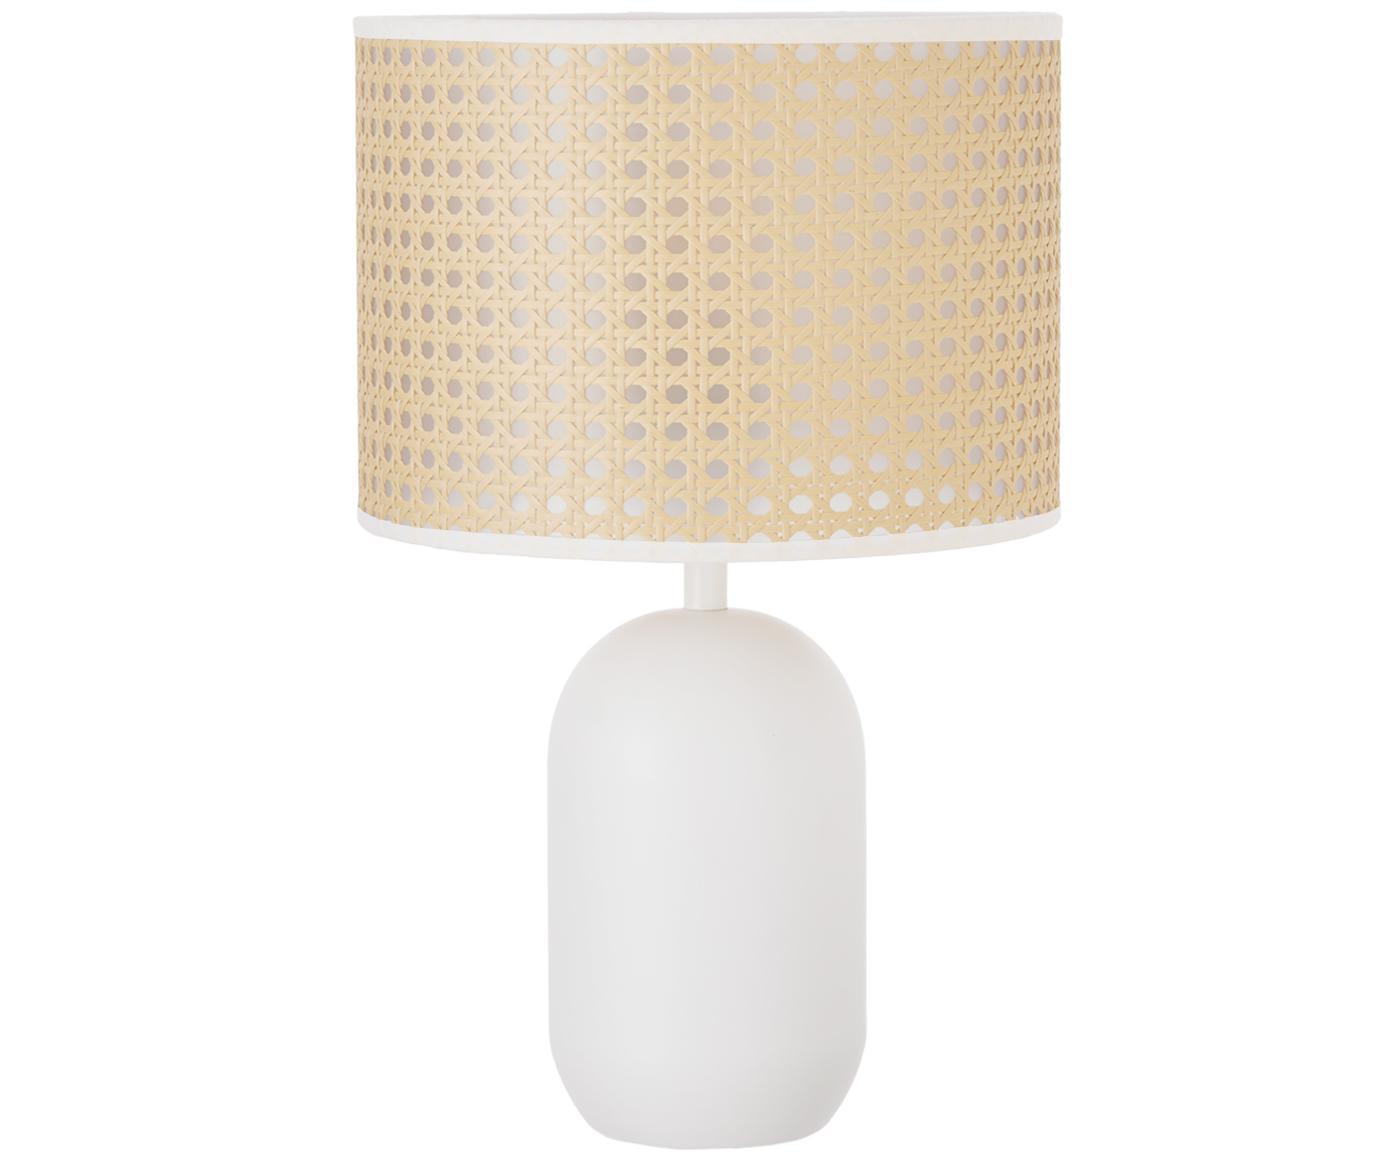 Tafellamp Vienna, Lampenkap: kunststof, Lampvoet: gepoedercoat metaal, Lampenkap: beige, wit. Lampvoet: mat wit. Snoer: wit, Ø 25 x H 40 cm